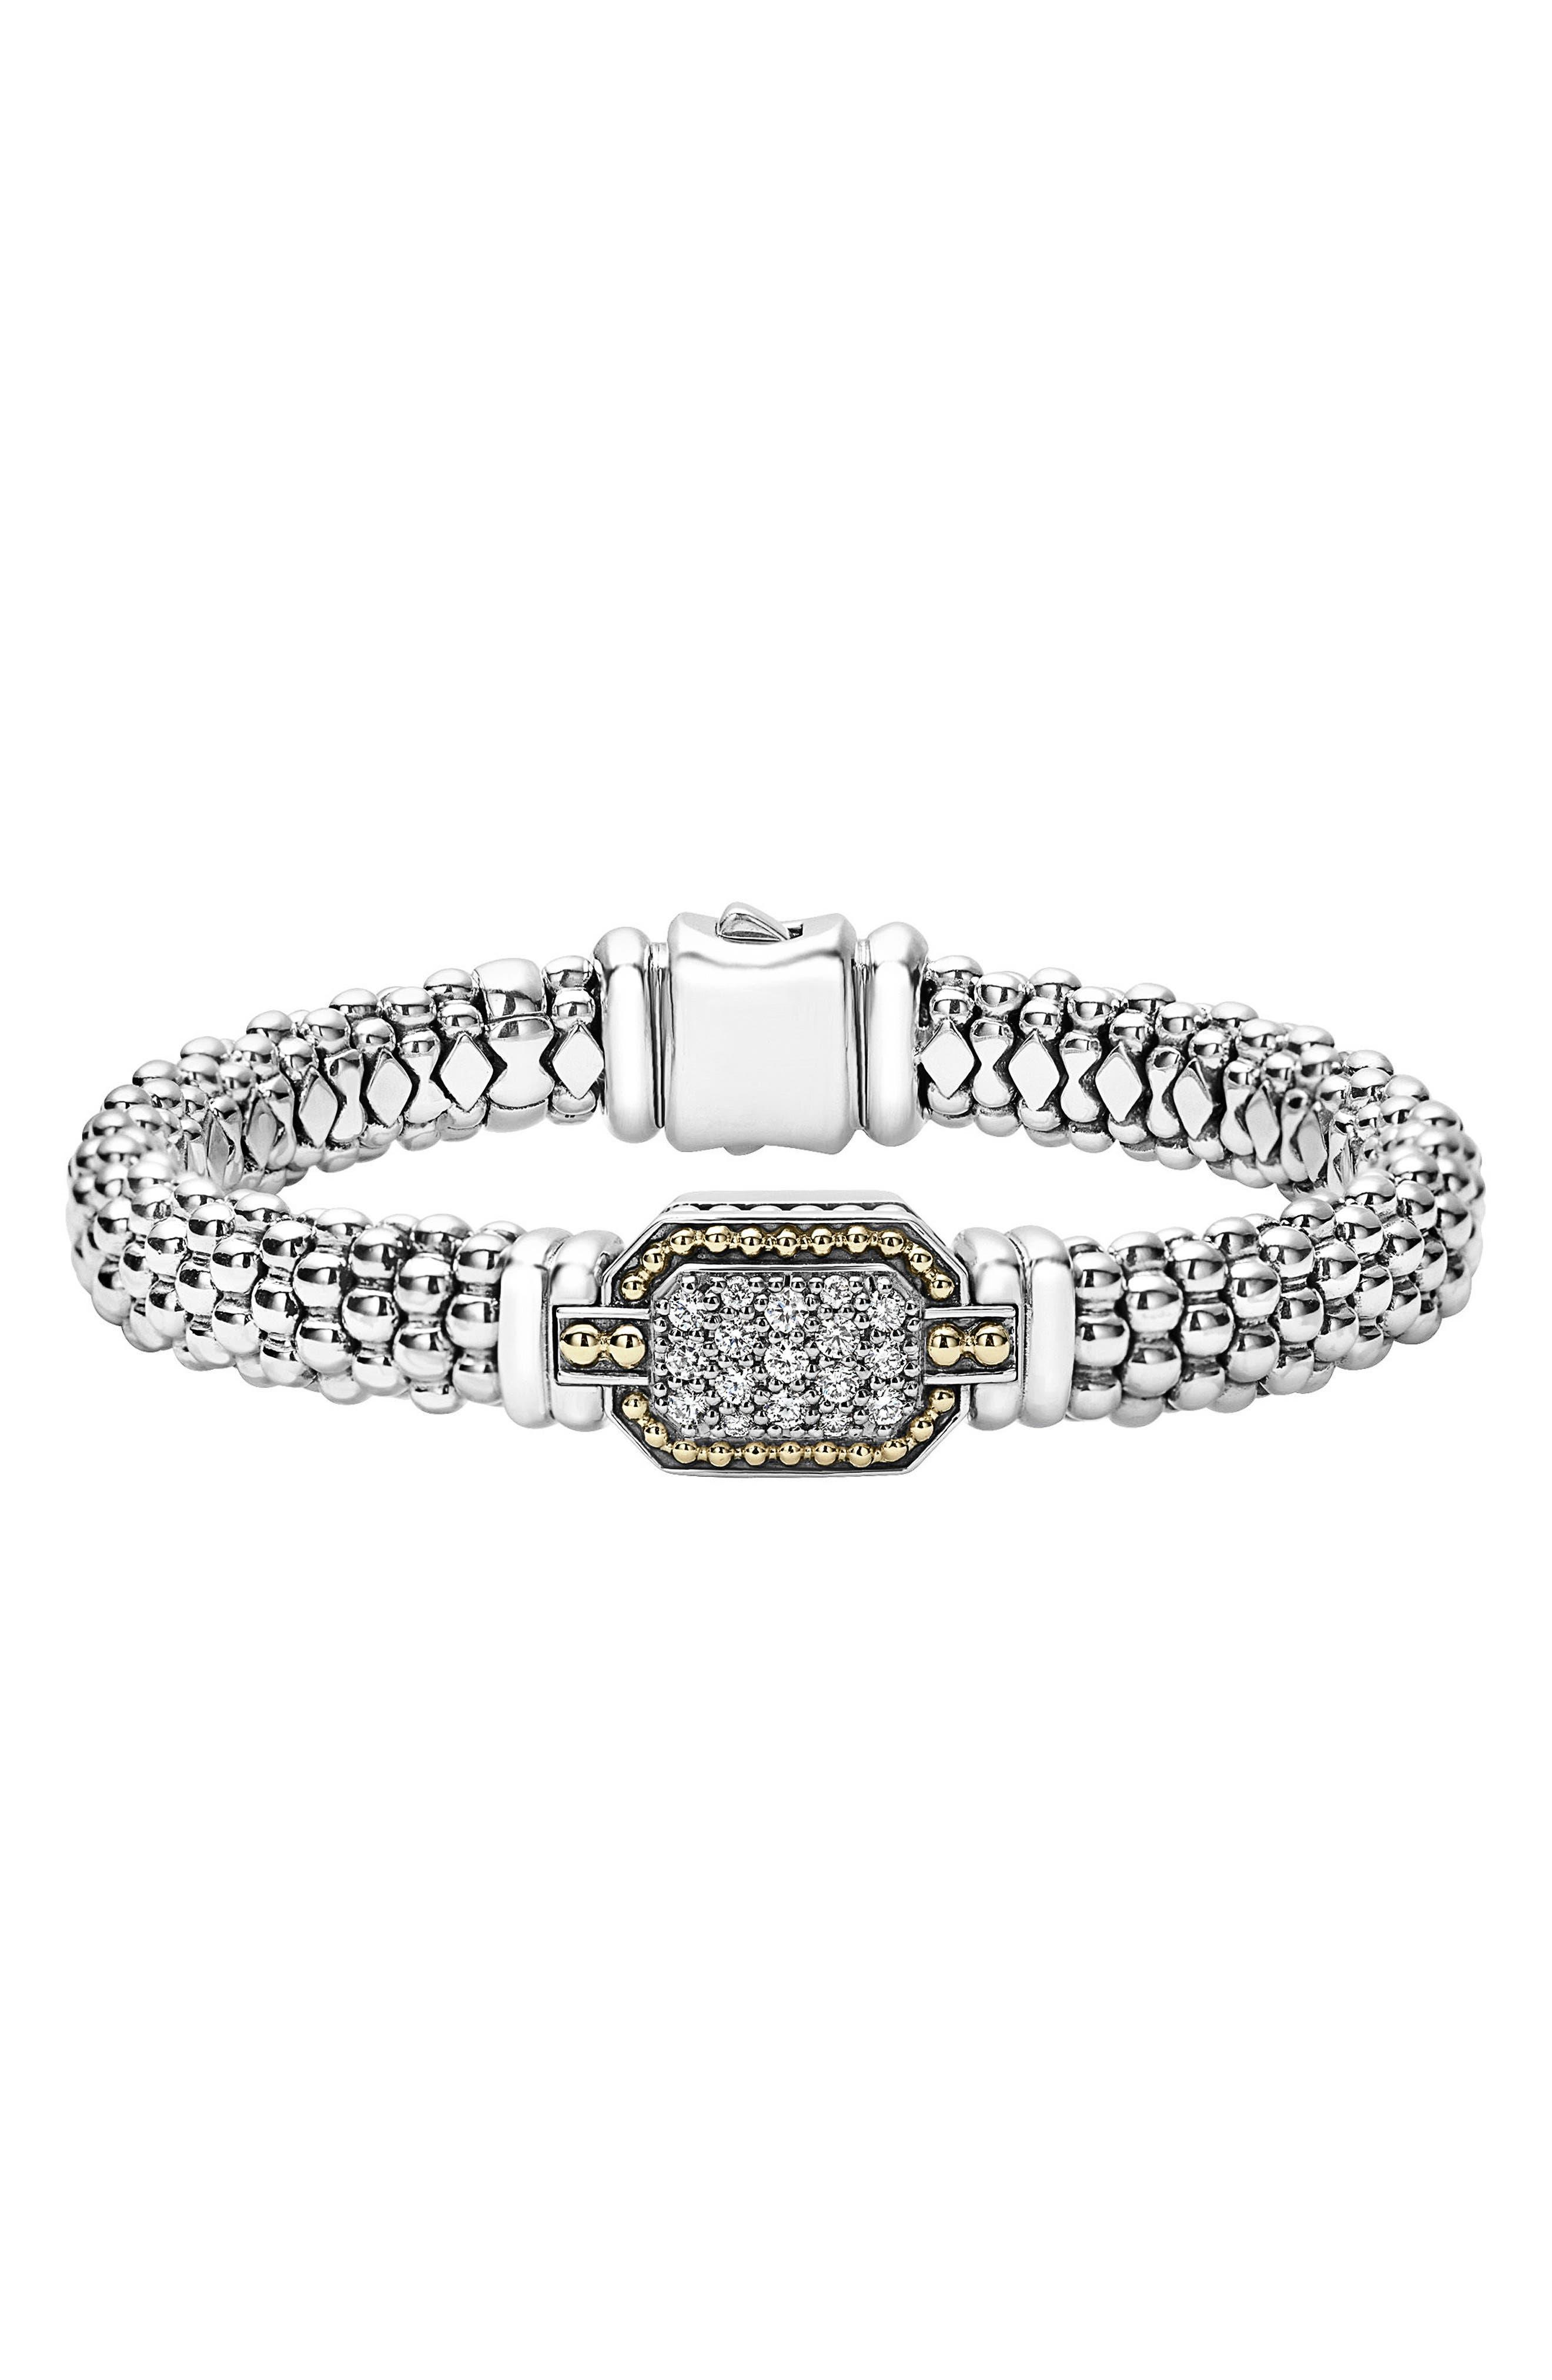 Alternate Image 1 Selected - LAGOS Diamonds & Caviar Large Diamond Bracelet